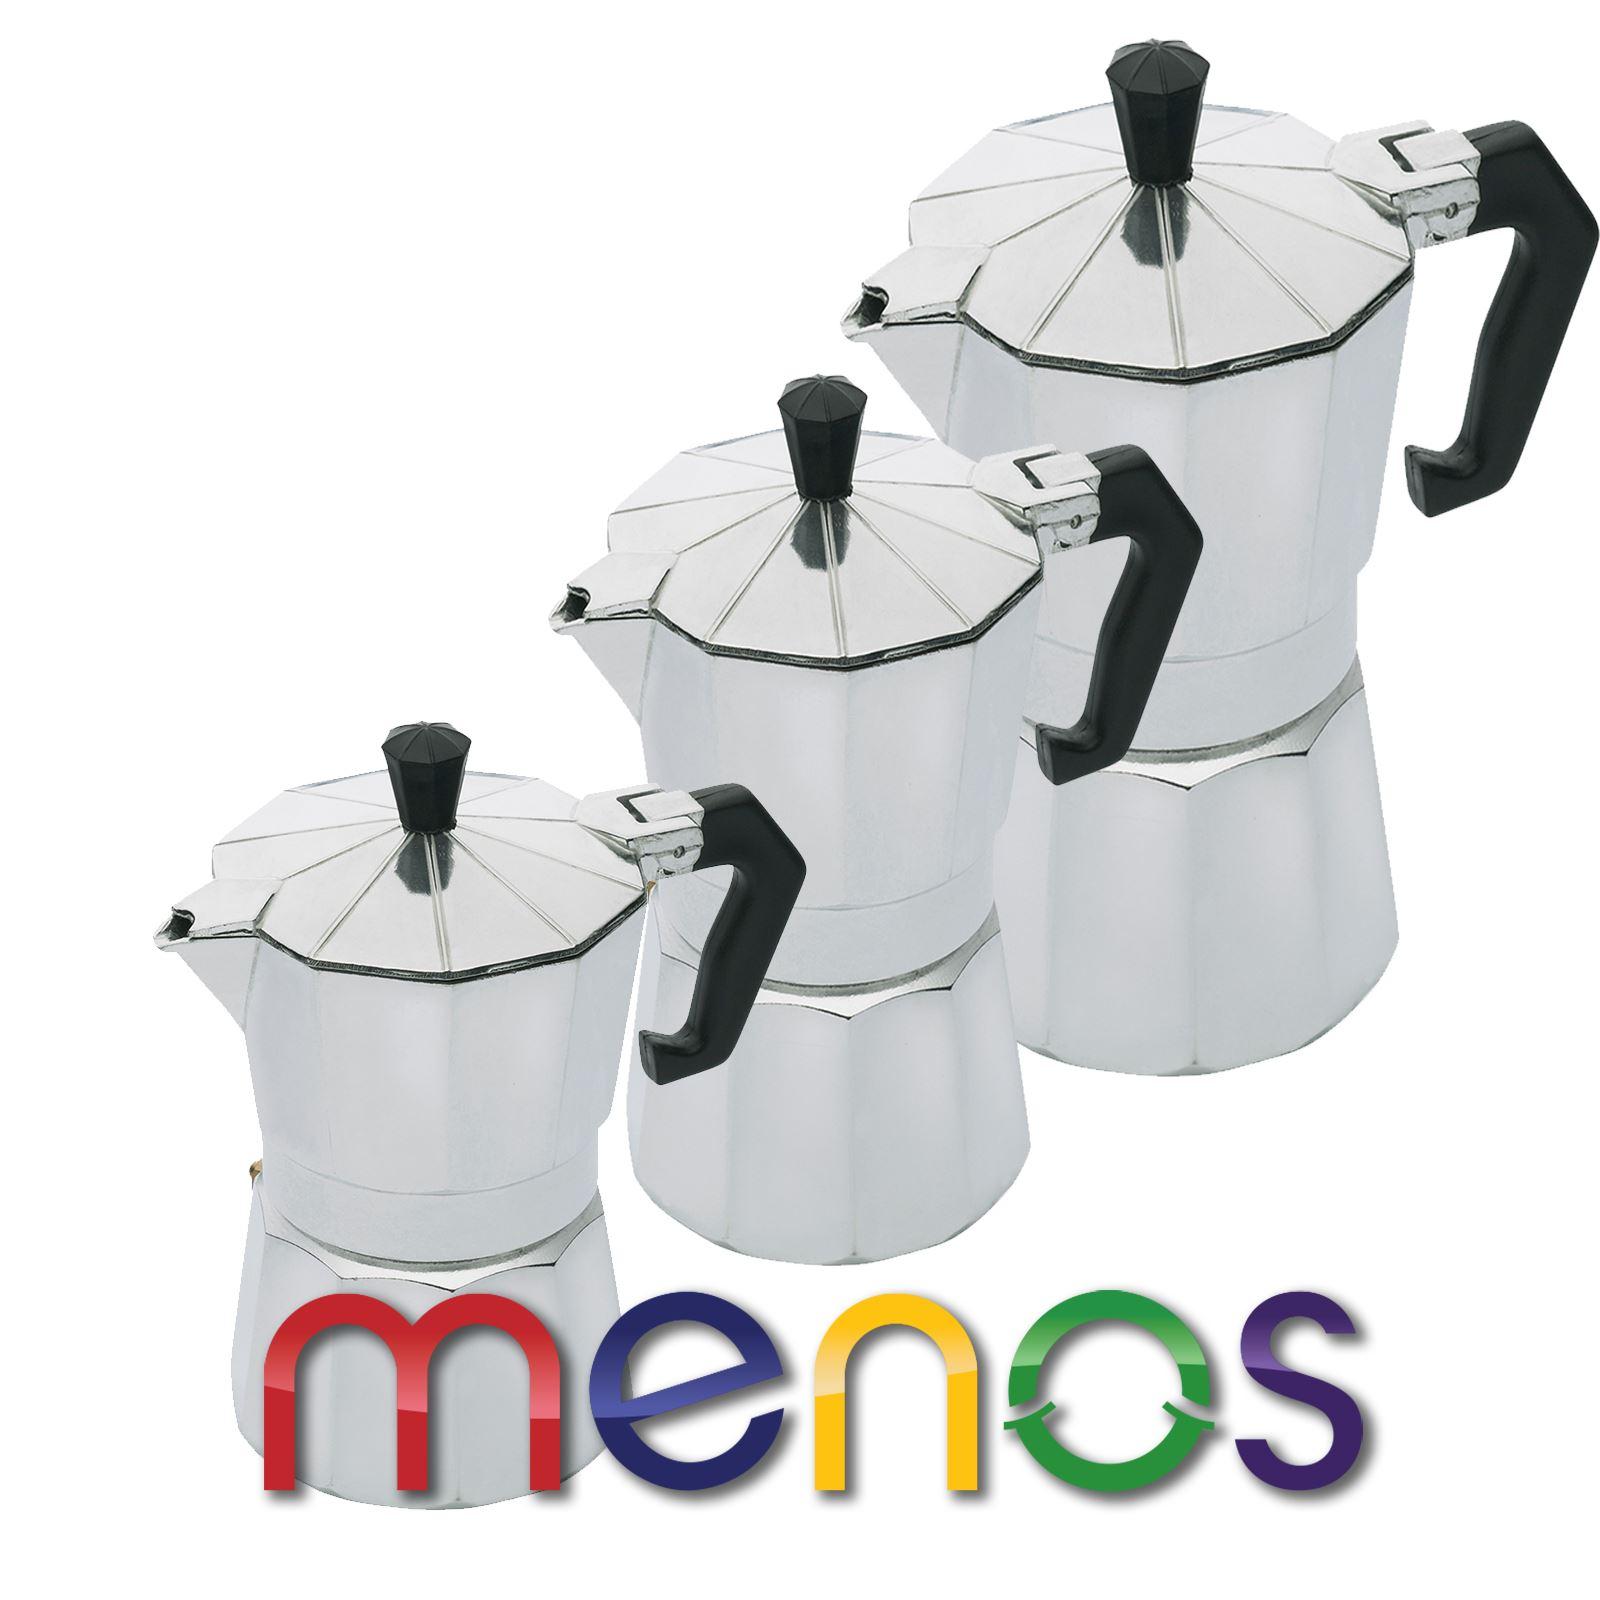 Le Xpress Italian Style Espresso Maker 6 , 9 , 12 Cup - Moka Coffee Stove Pot eBay